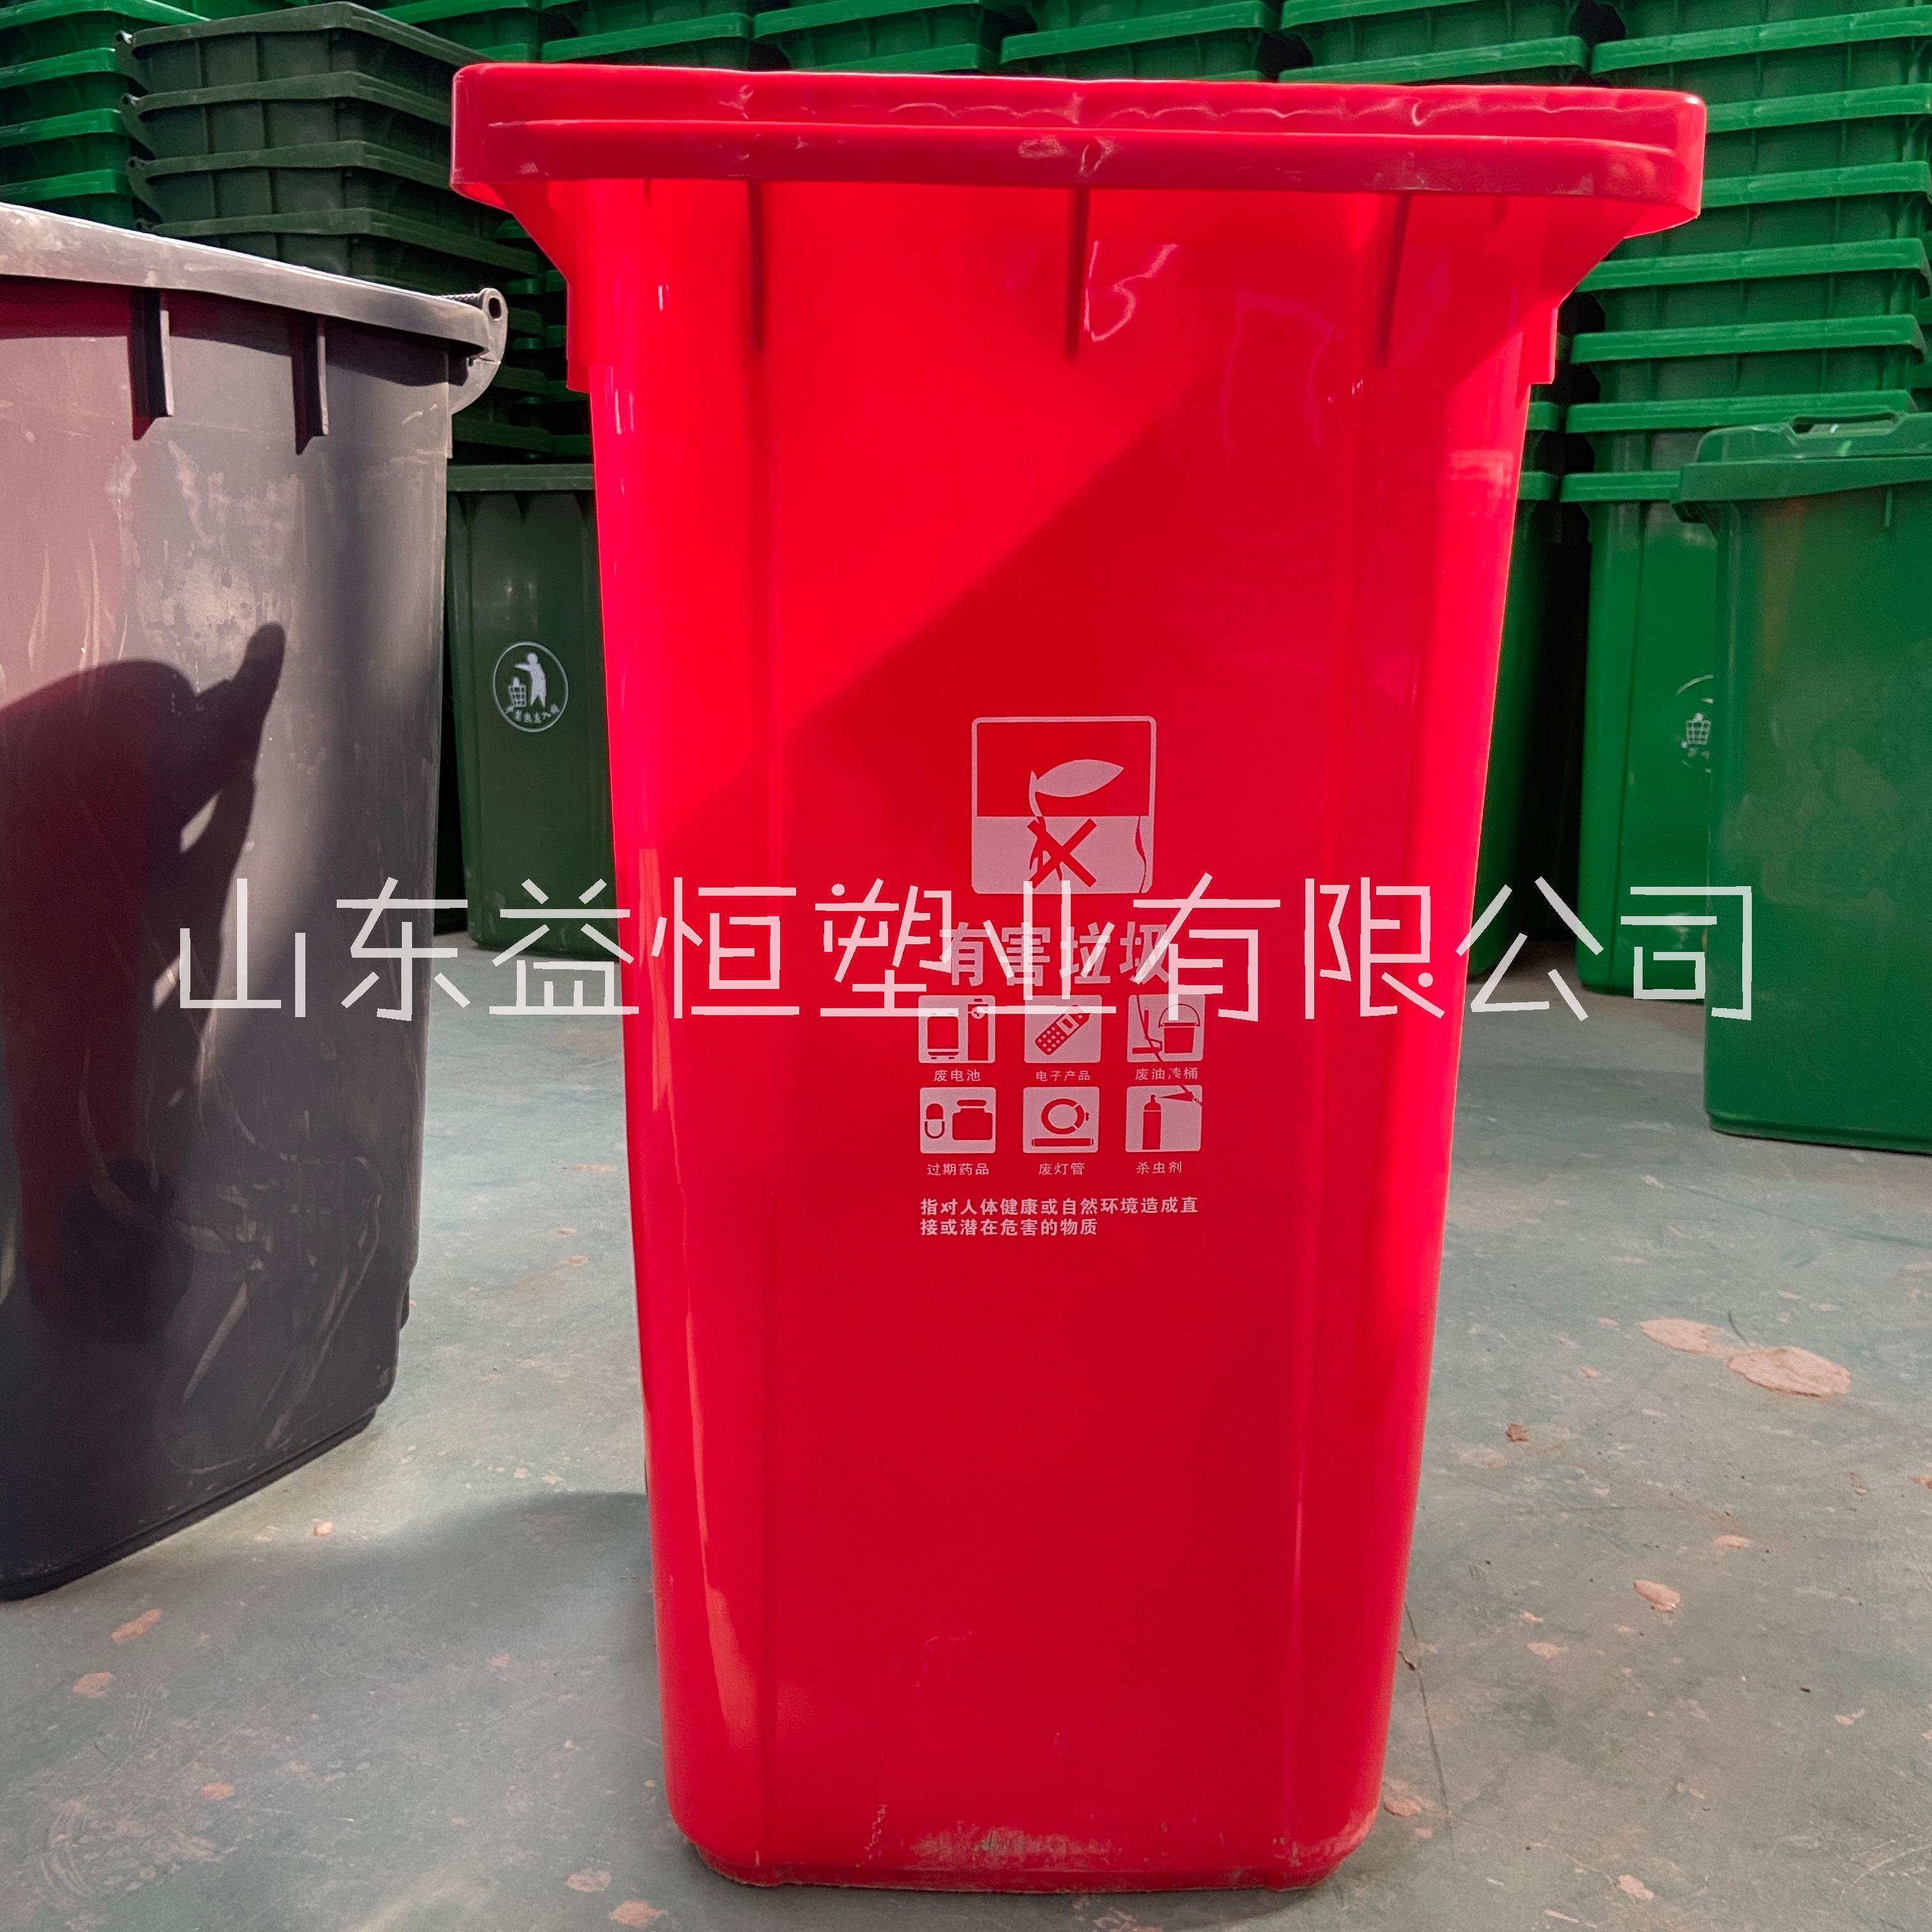 大型户外垃圾桶厂家直销 全新加厚塑料垃圾桶批发